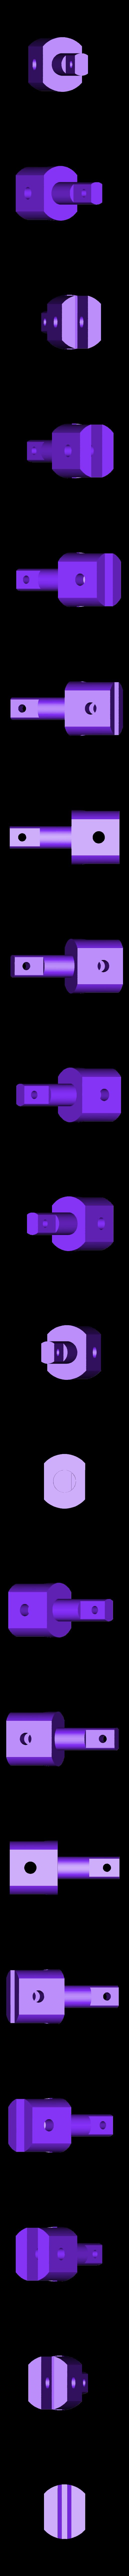 Shoulder.stl Télécharger fichier STL gratuit Kozjavcka ( Козявка ) • Modèle pour impression 3D, SiberK